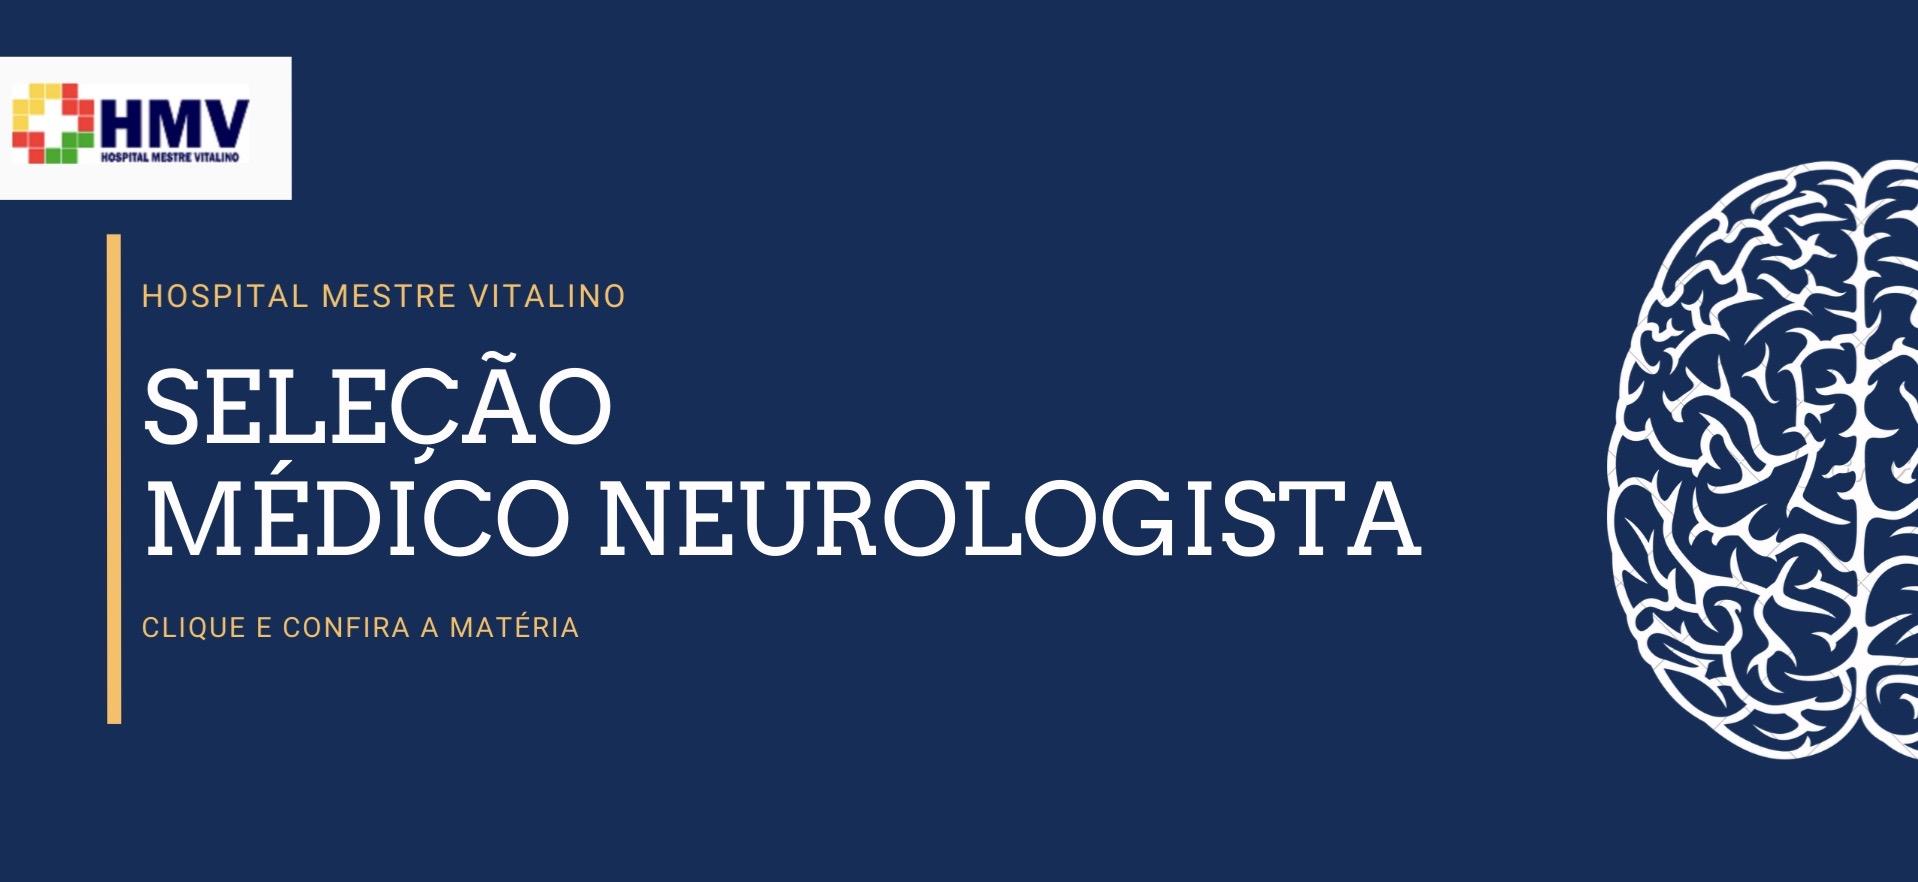 HMV abre seleção para contratação de médico Neurologista